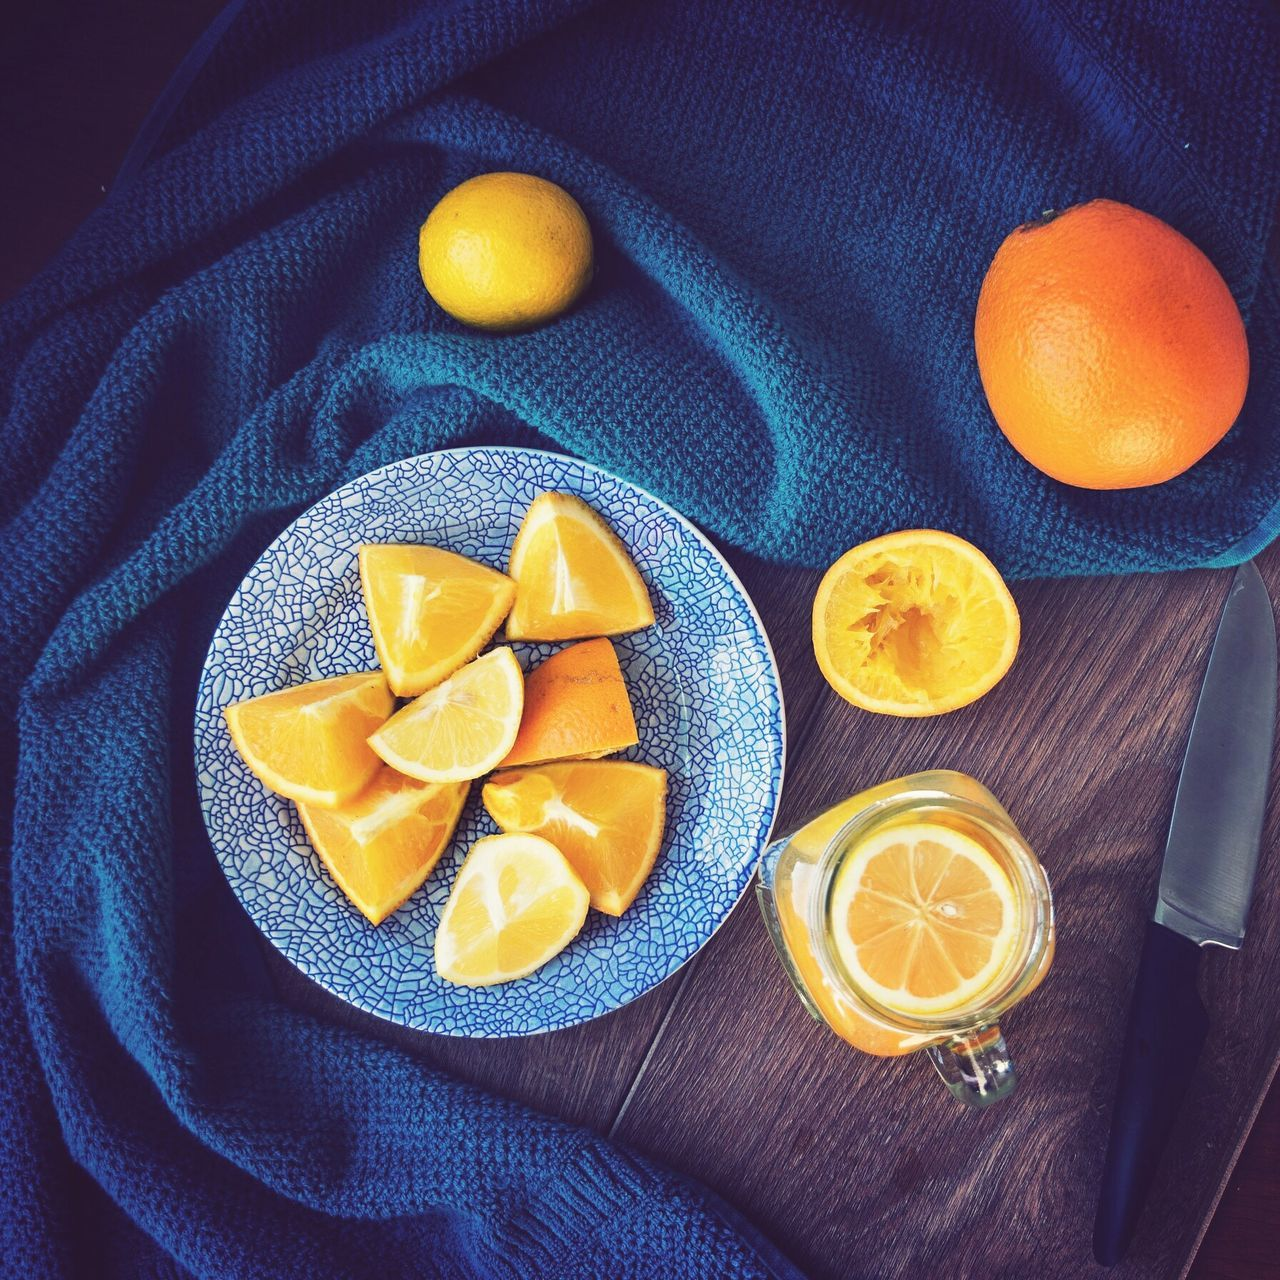 Момент приготовления лимонада лимонад апельсины апельсиновый_сок лимончик Fruit Food Healthy Eating Food And Drink